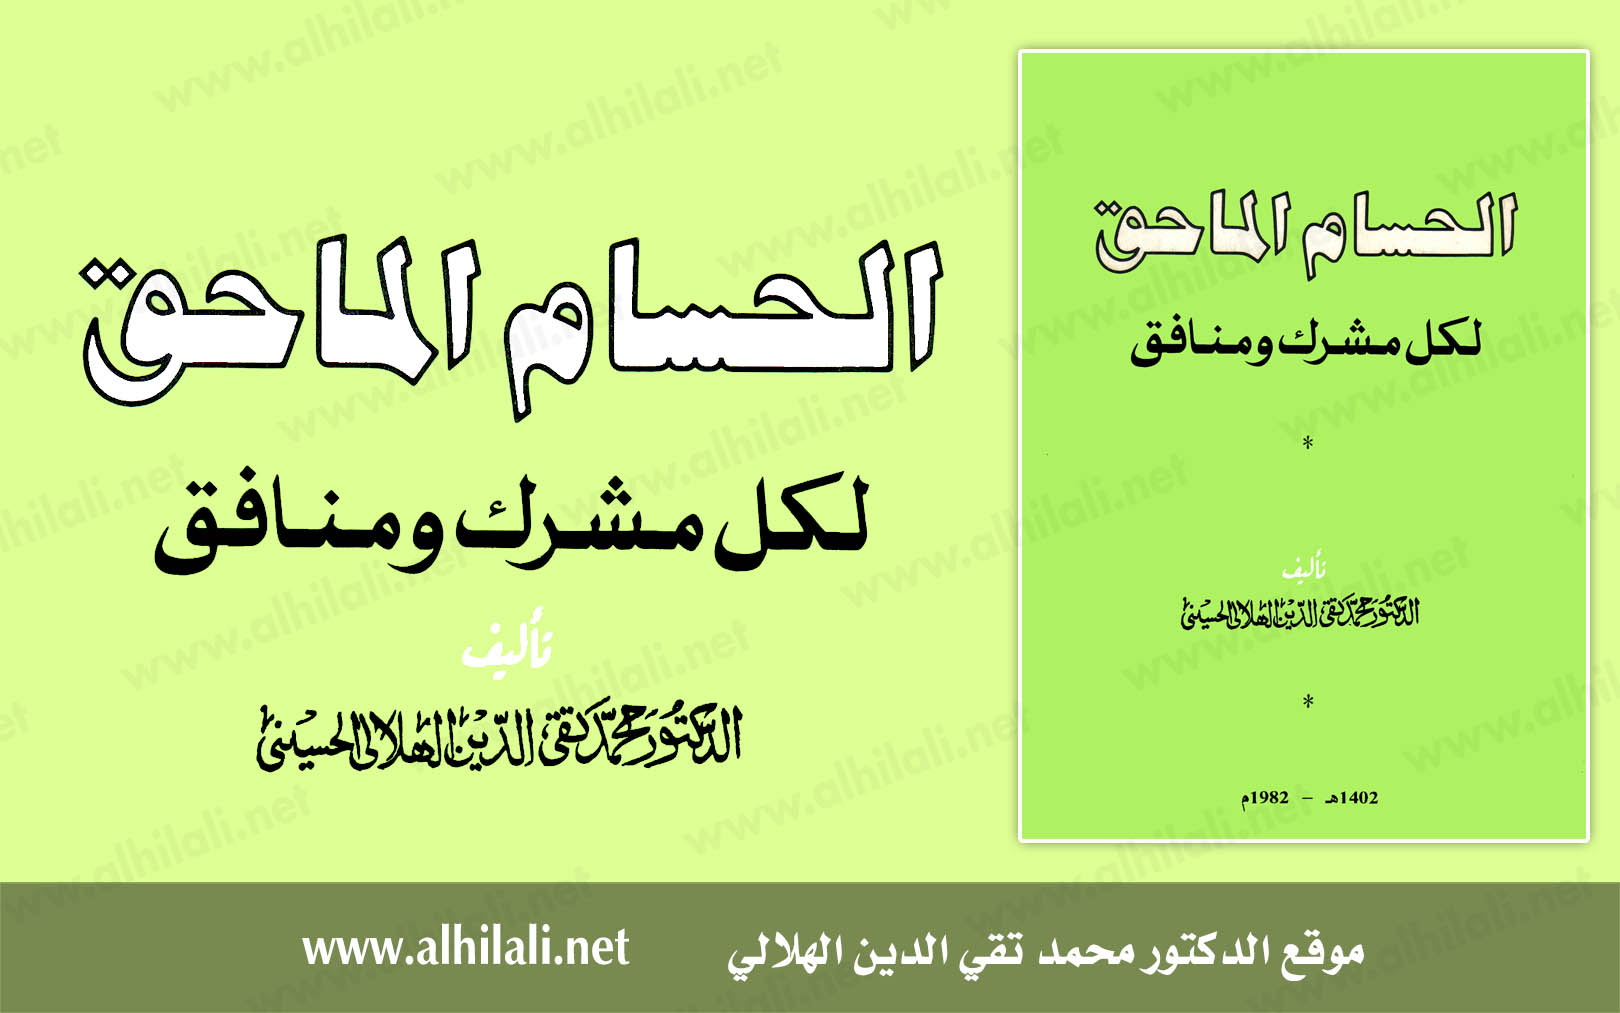 الحسام الماحق لكل مشرك ومنافق - تقي الدين الهلالي